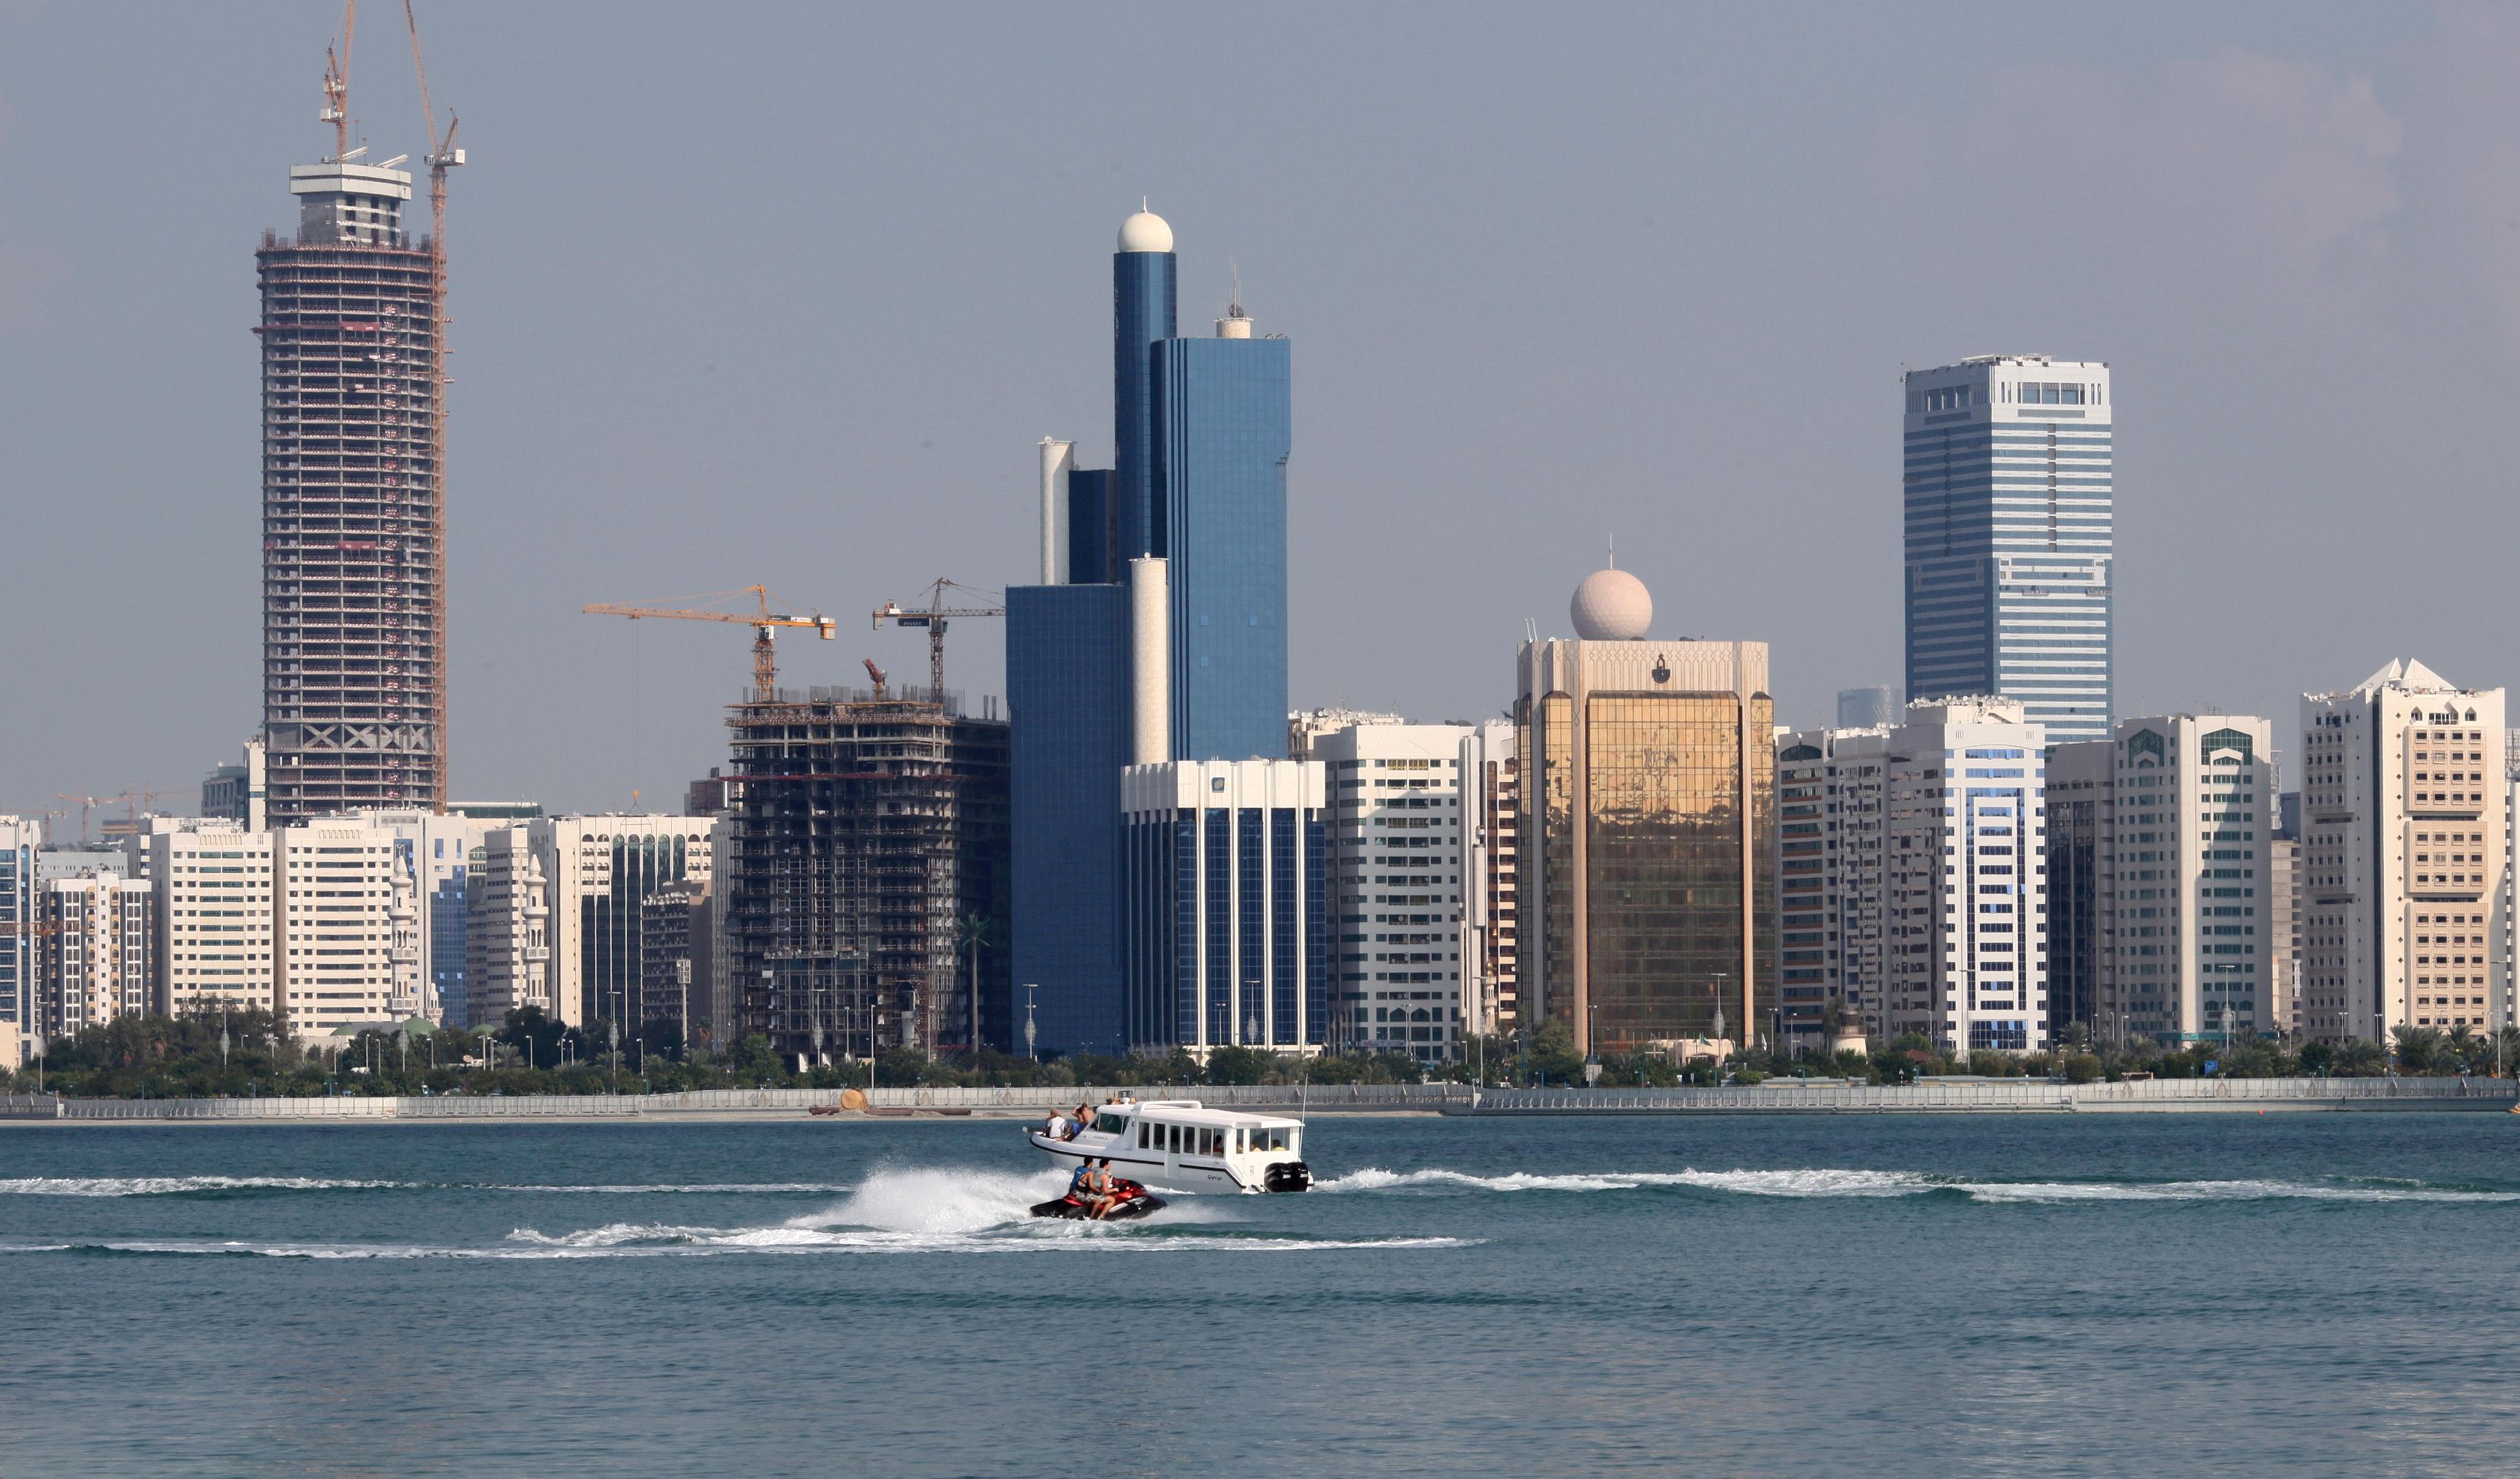 A general view of the Abu Dhabi skyline is seen, December 15, 2009. REUTERS/Ahmed Jadallah